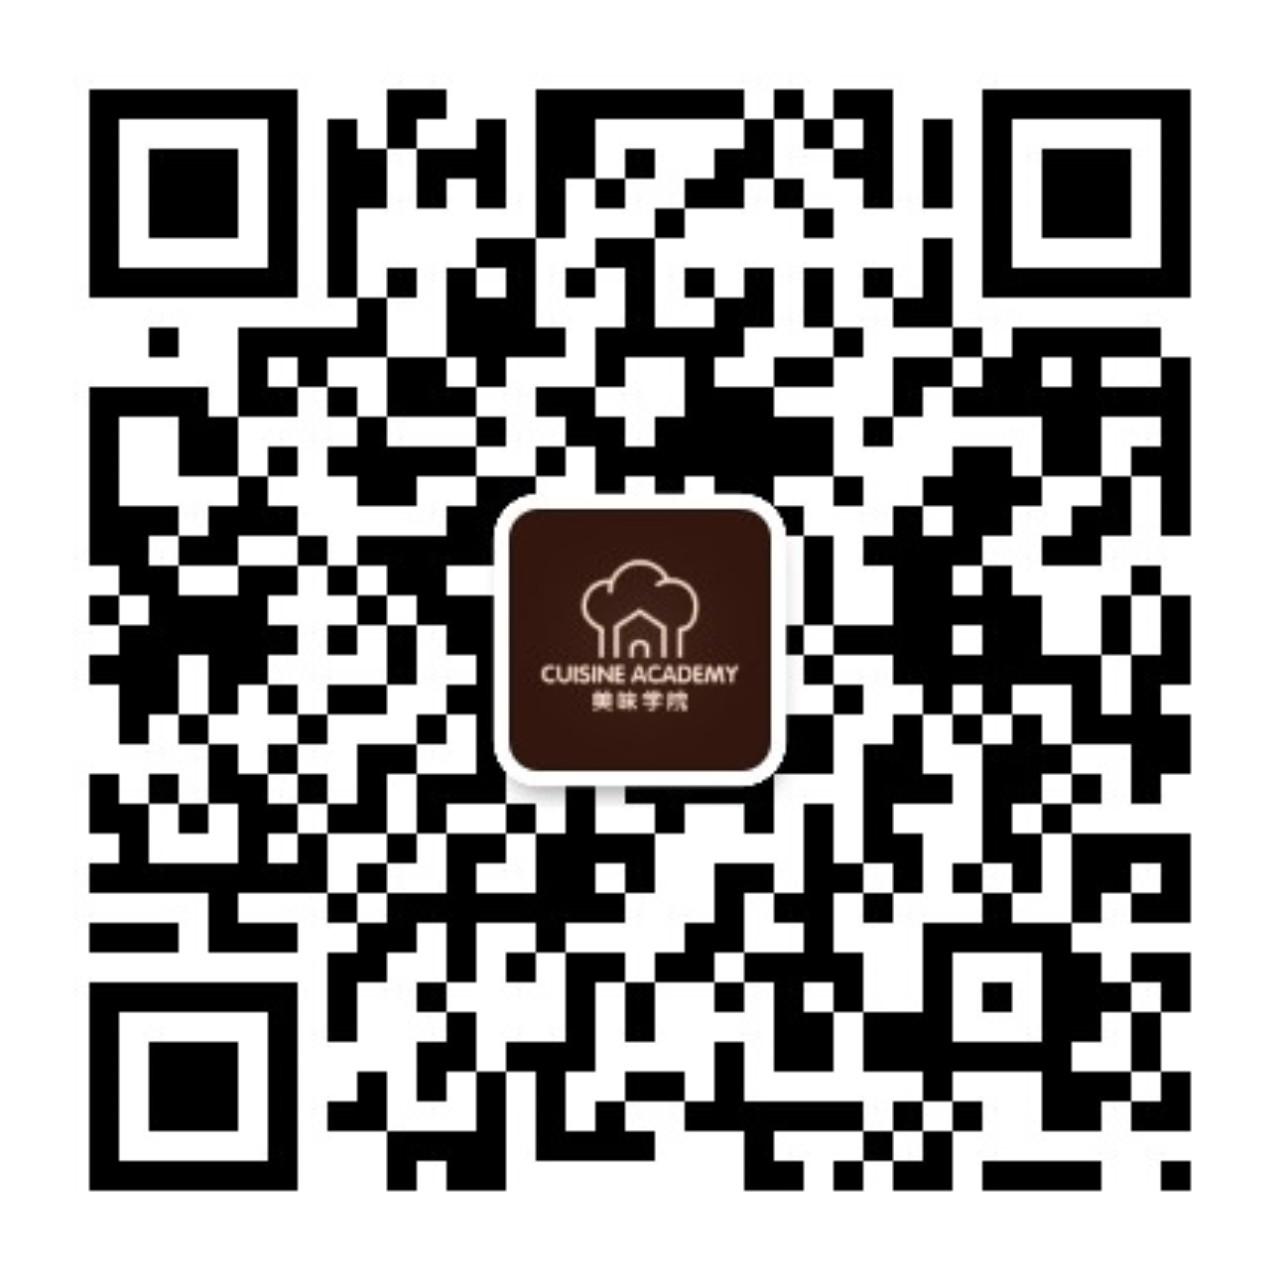 深圳美味学院官方微信